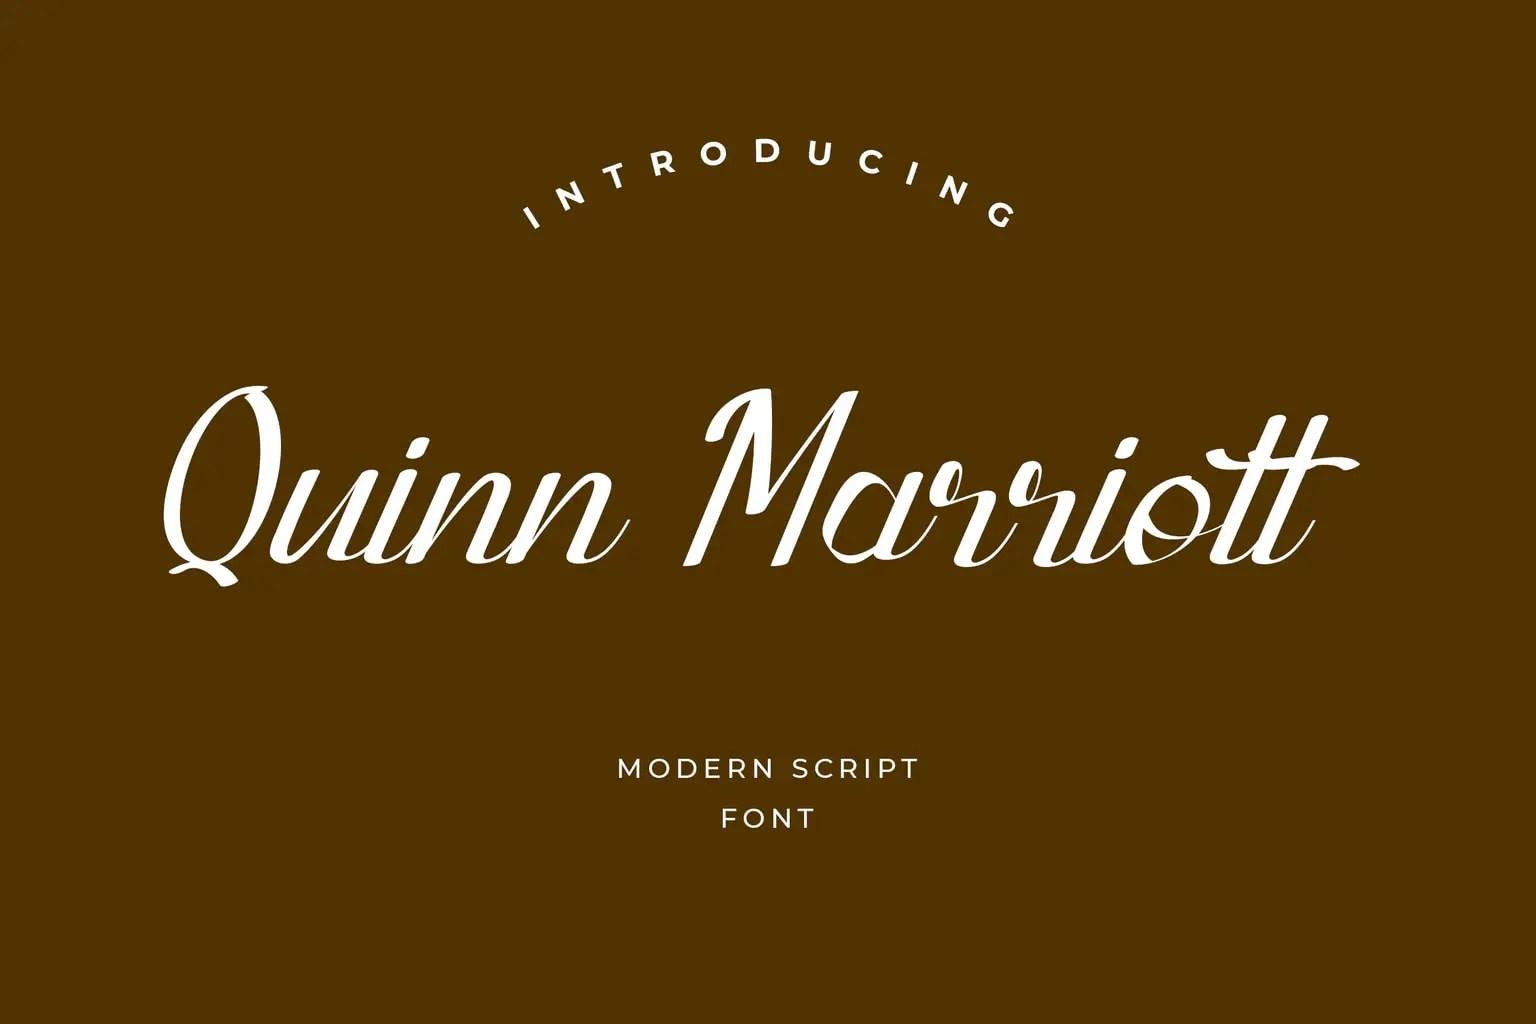 Quinn Marriott Script Font-1